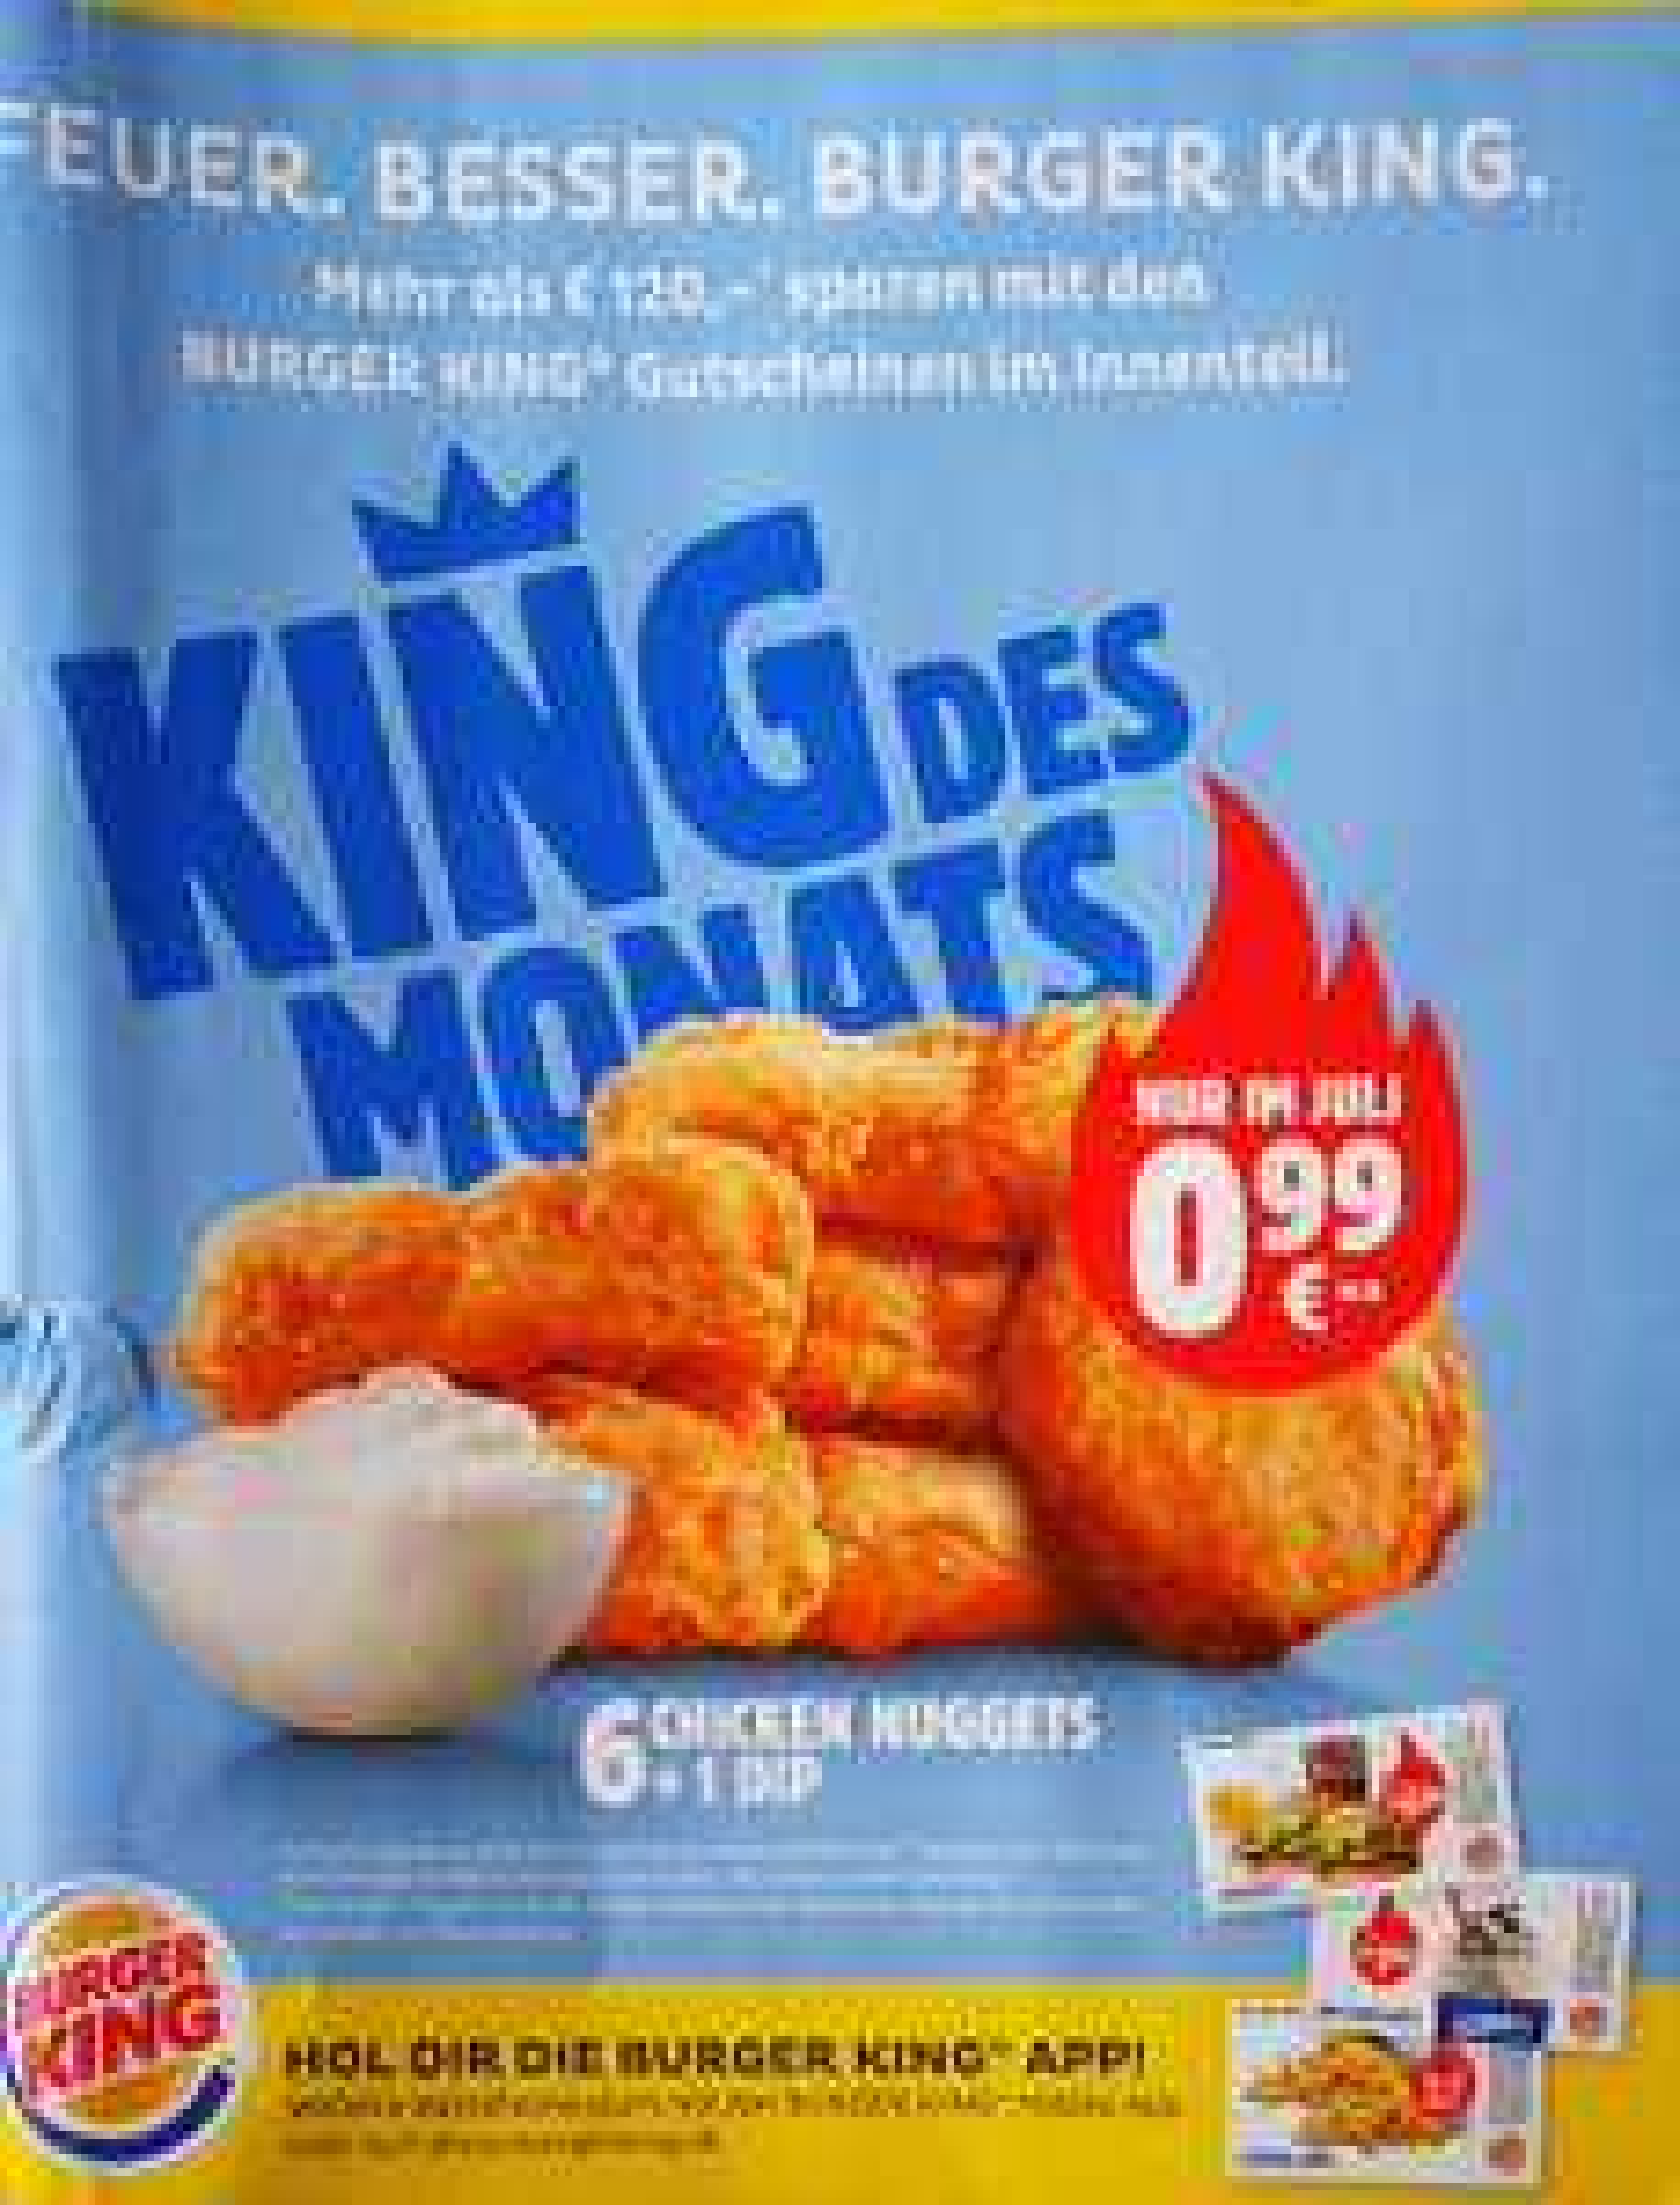 [BK - King des Monats] 6 Chicken Nuggets + 1 Dip um 0,99€